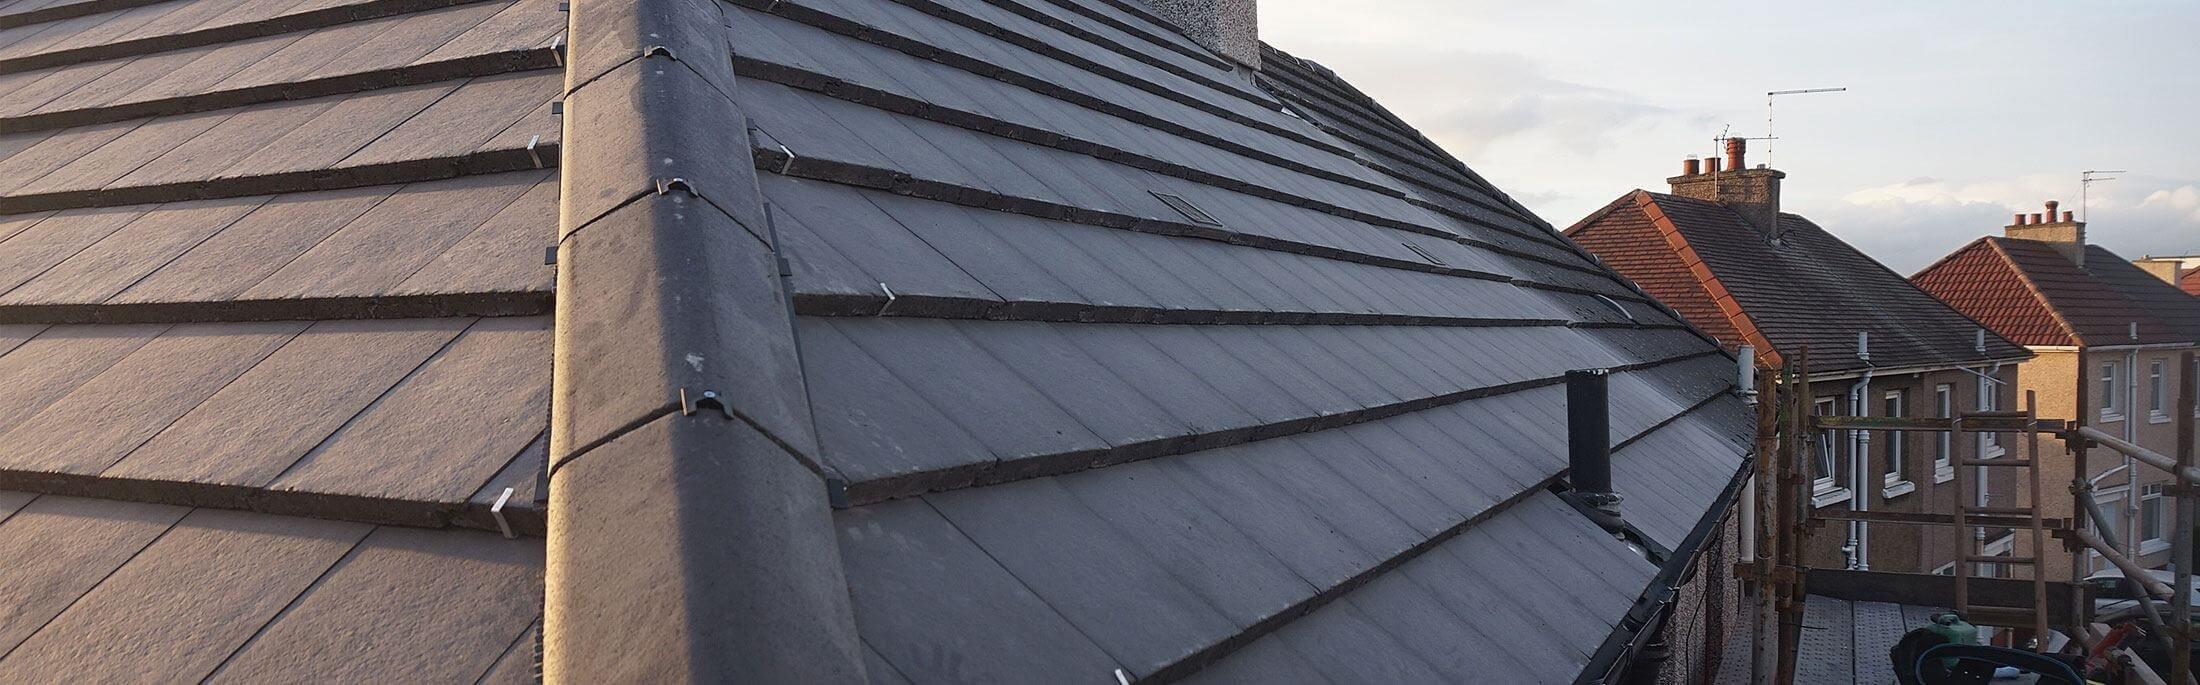 0% Deposit Roofing